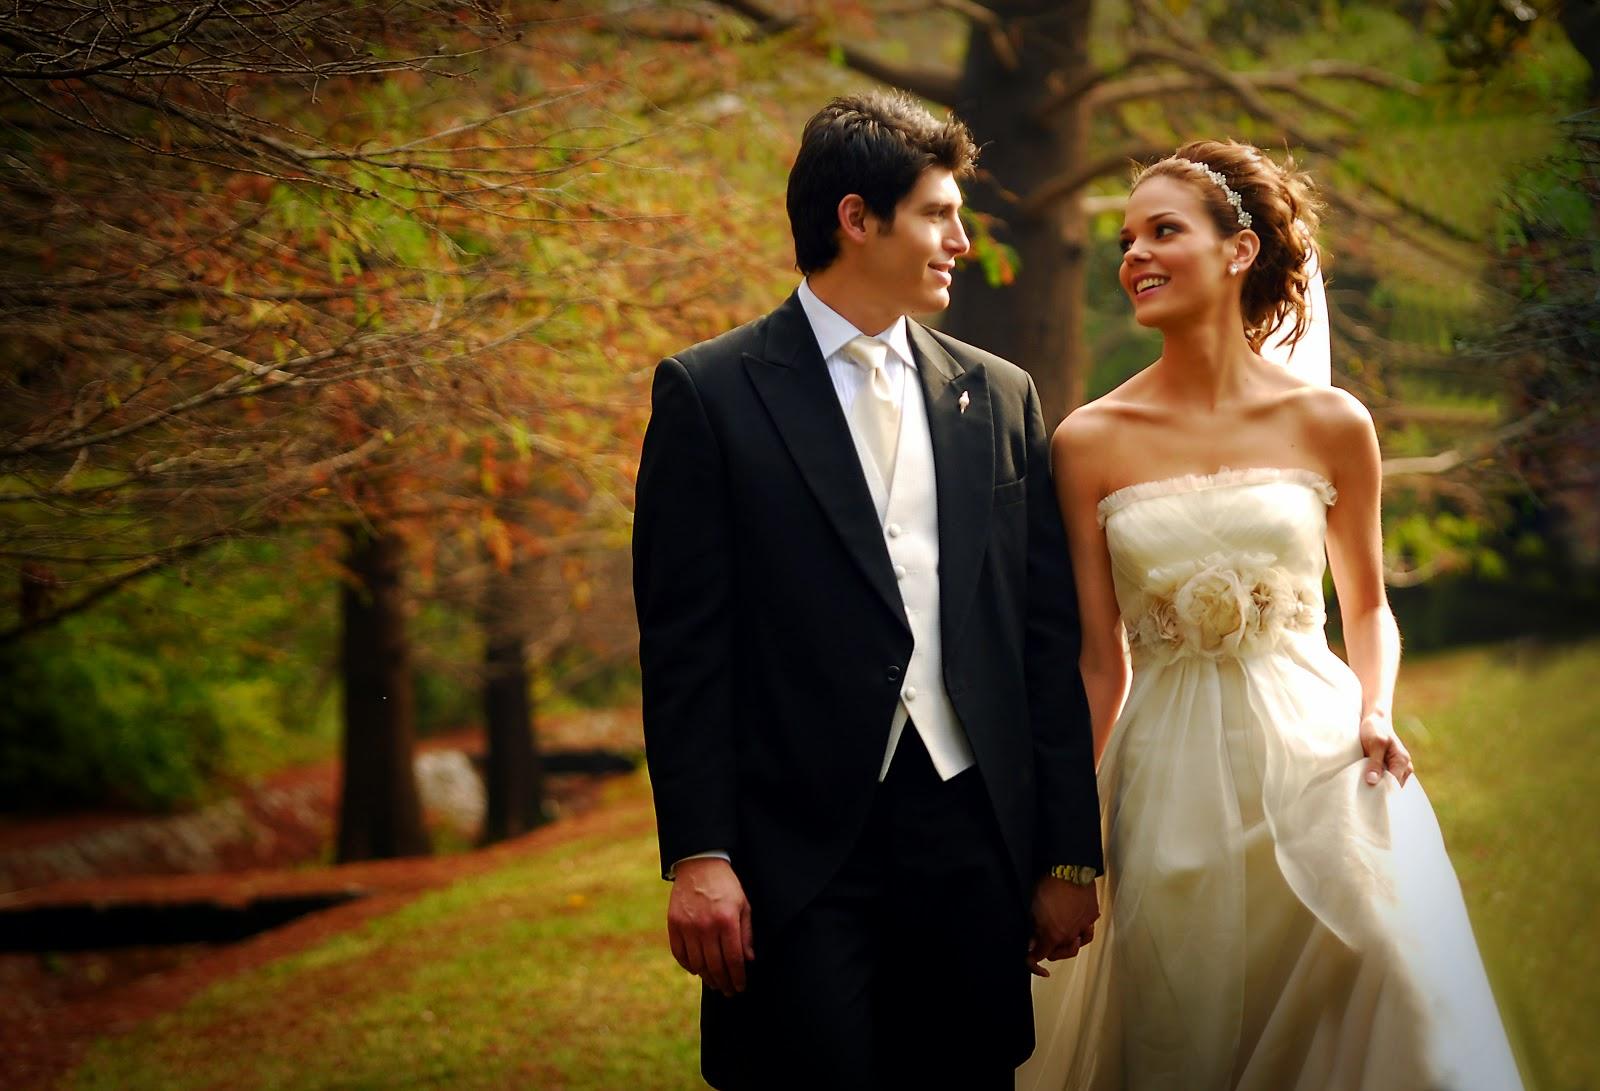 Buscar las mejores cuentas para tu boda